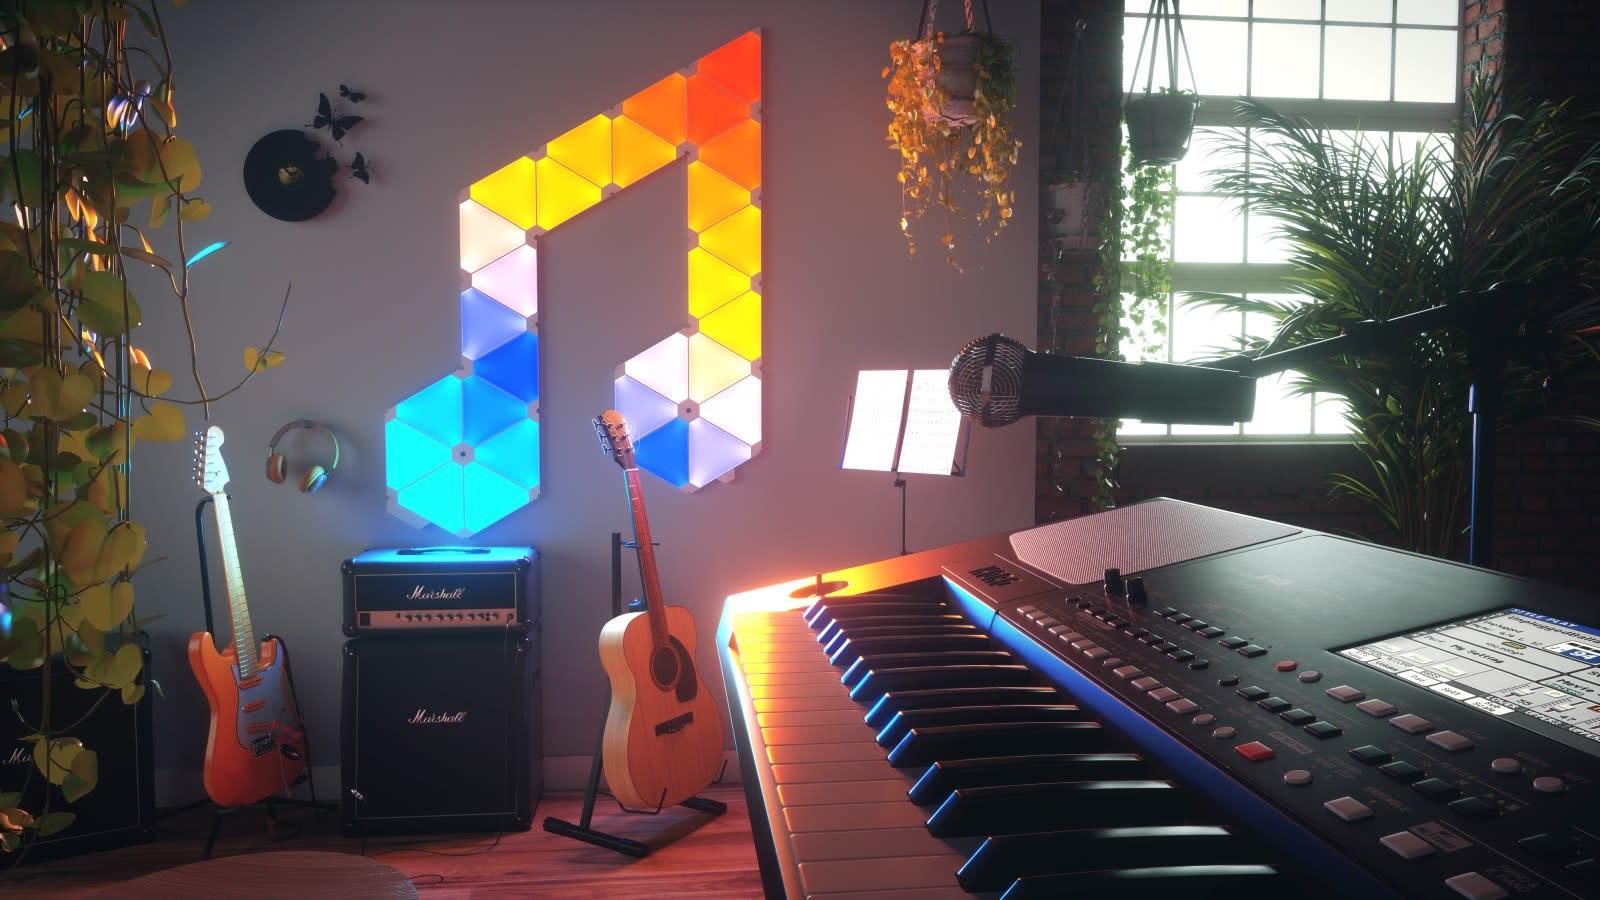 Nanoleaf delivers music syncing for its Aurora smart lights   Engadget